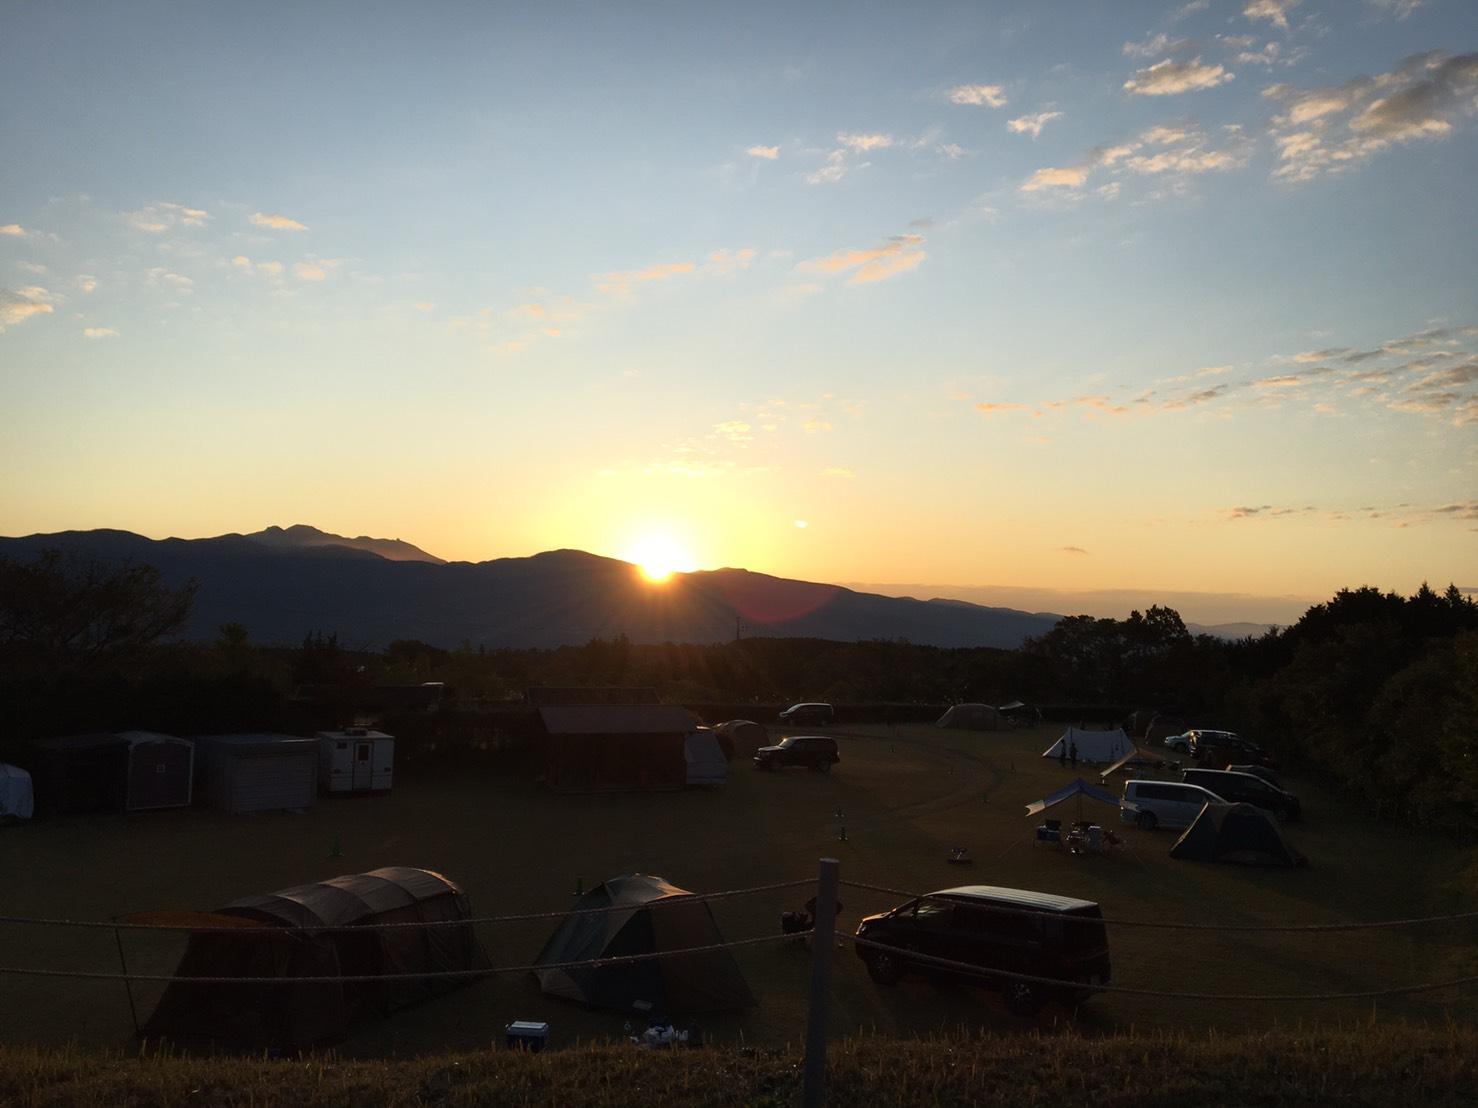 2019年 裾野ファミリーキャンプ場